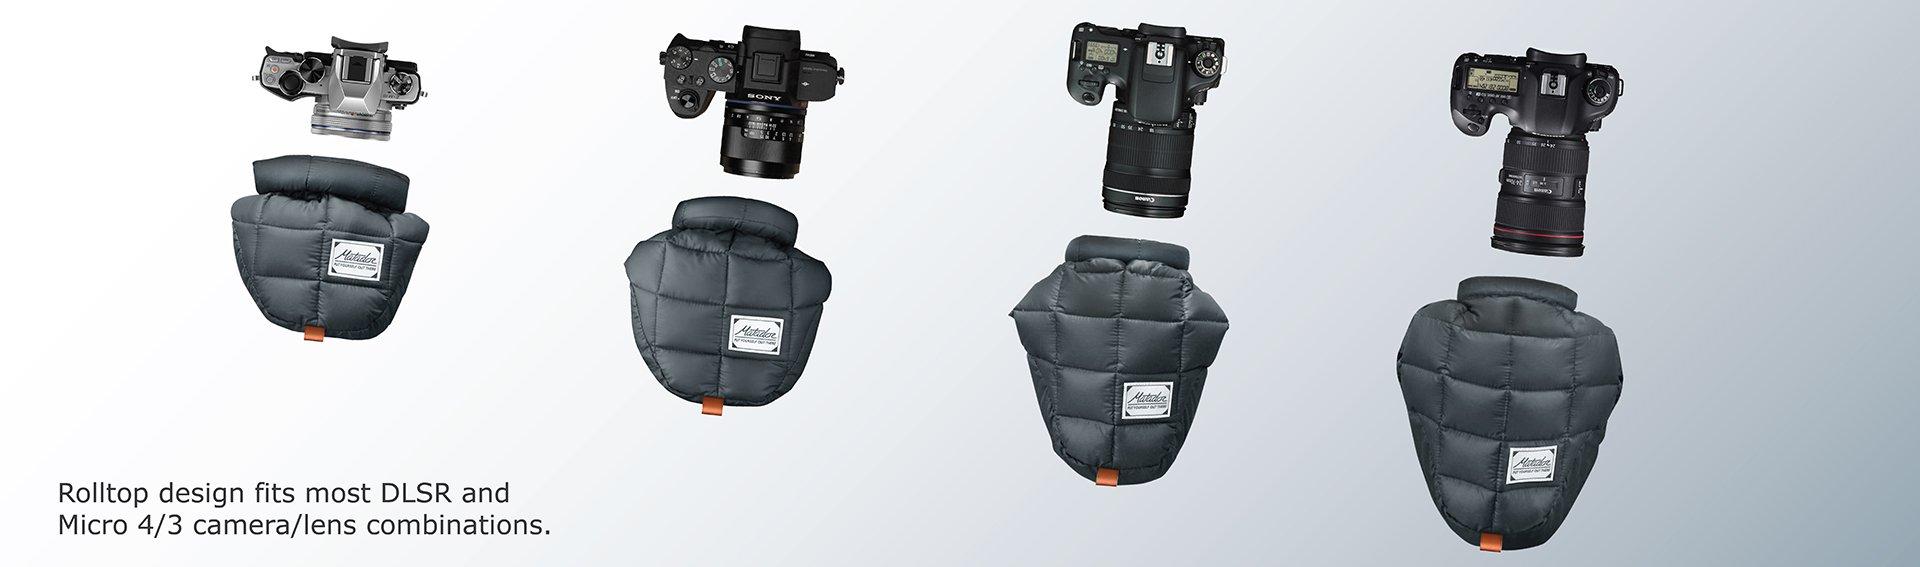 matador-camera-onsizefitsall-small-001-2048x2048.jpg